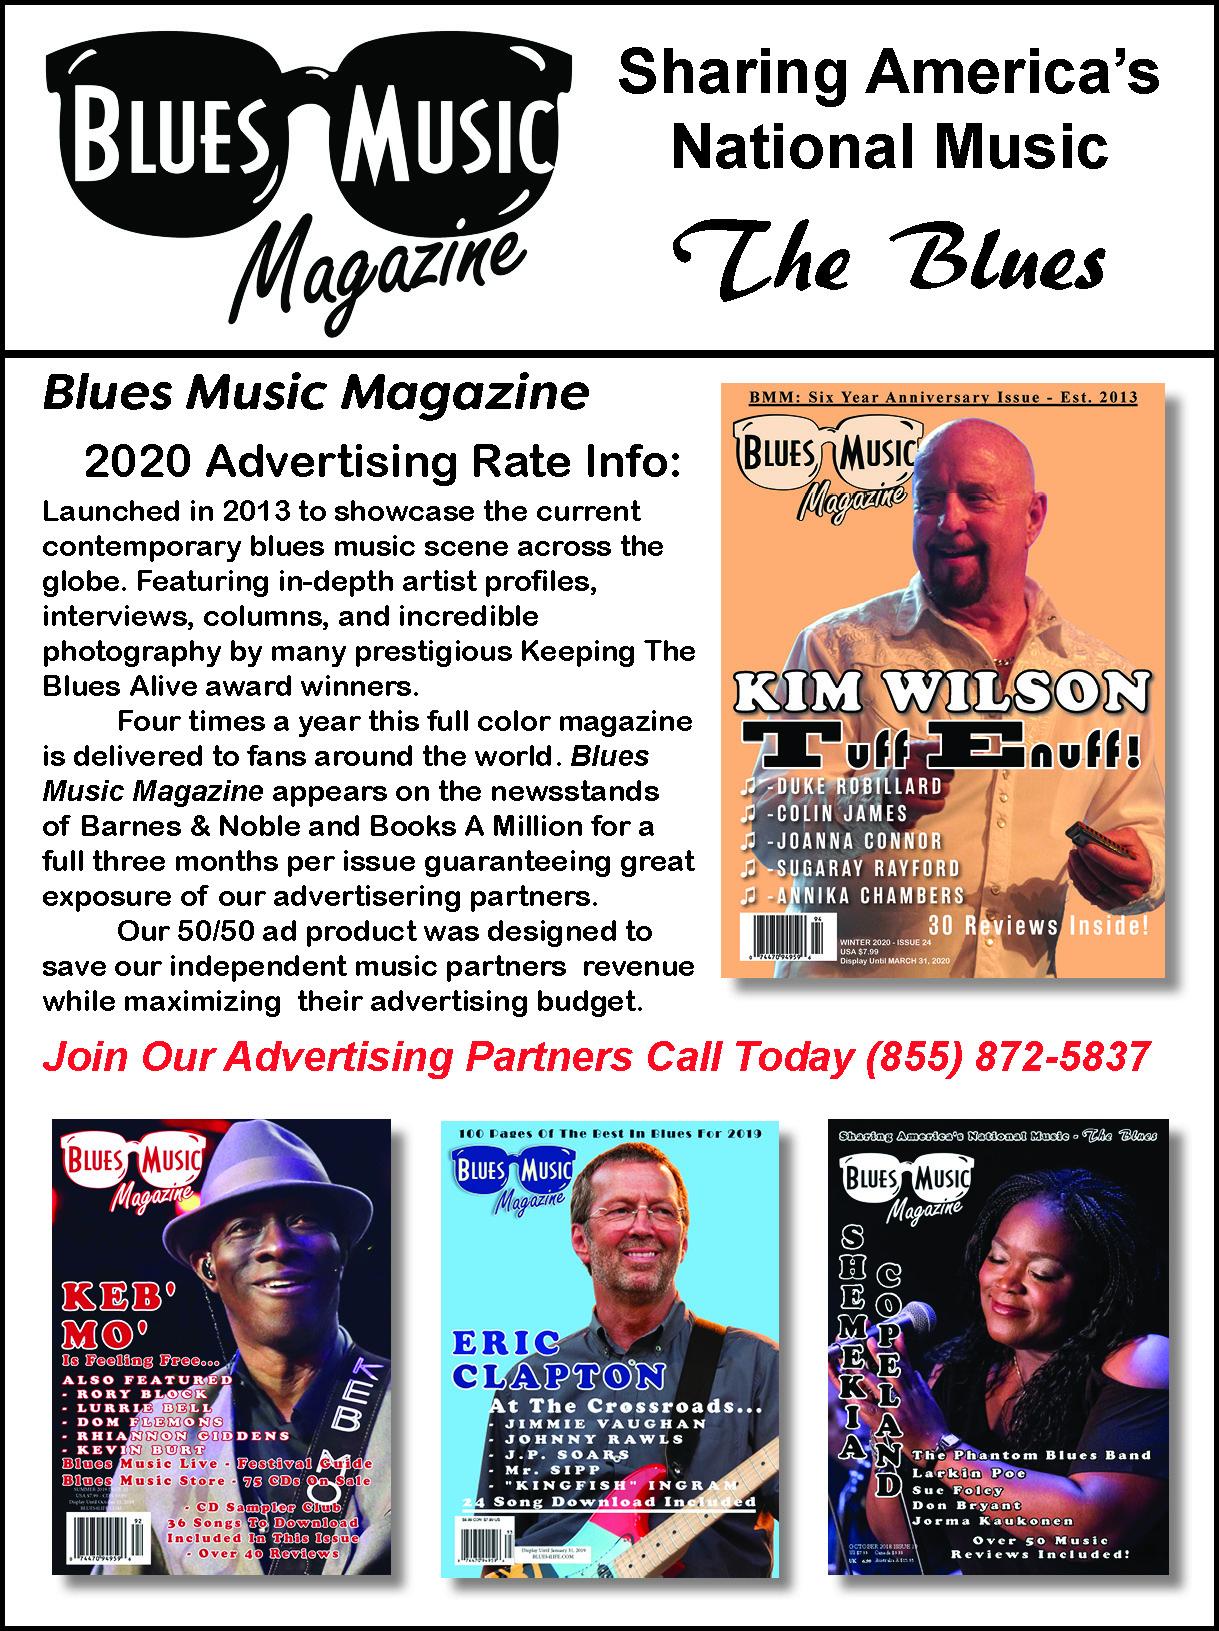 2020-blue-music-magazine-media-kit.jpg